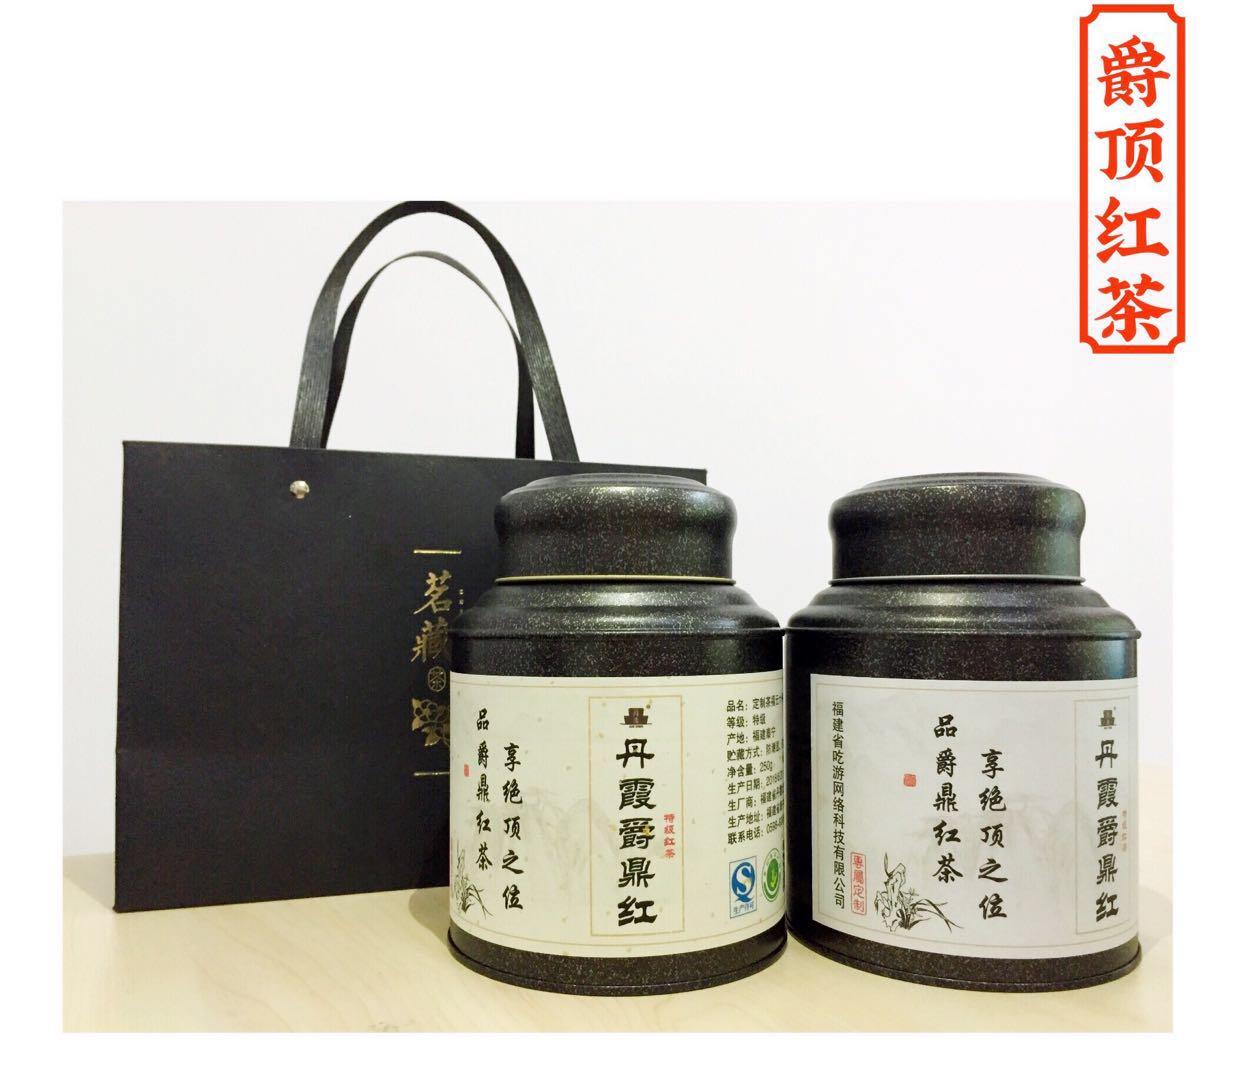 丹霞状元茶业价格合理的丹霞爵鼎红茶供应-受欢迎的丹霞状元